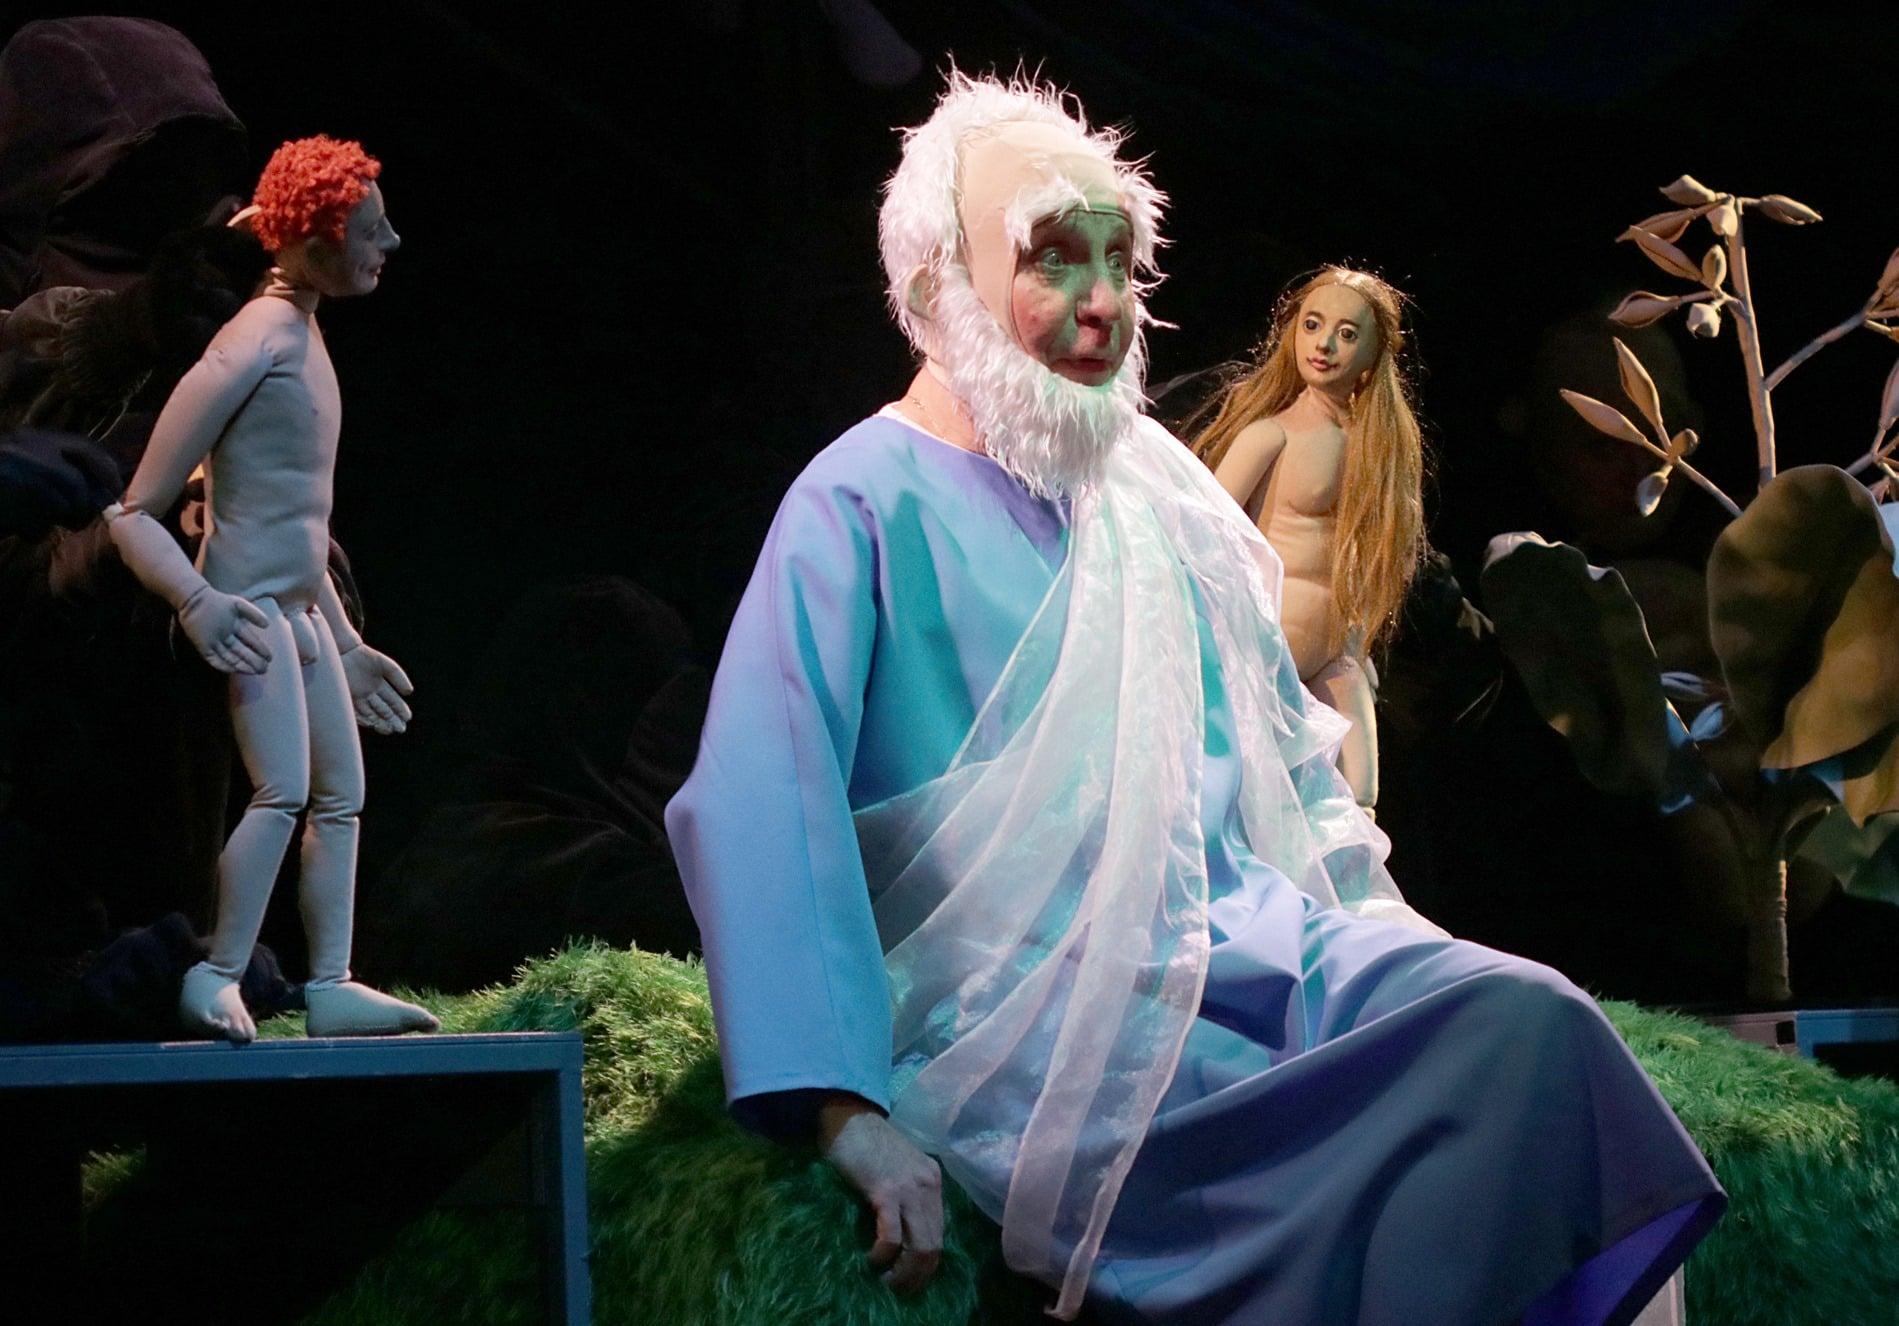 Ярославский театр кукол открыл новый сезон премьерой спектакля для взрослых